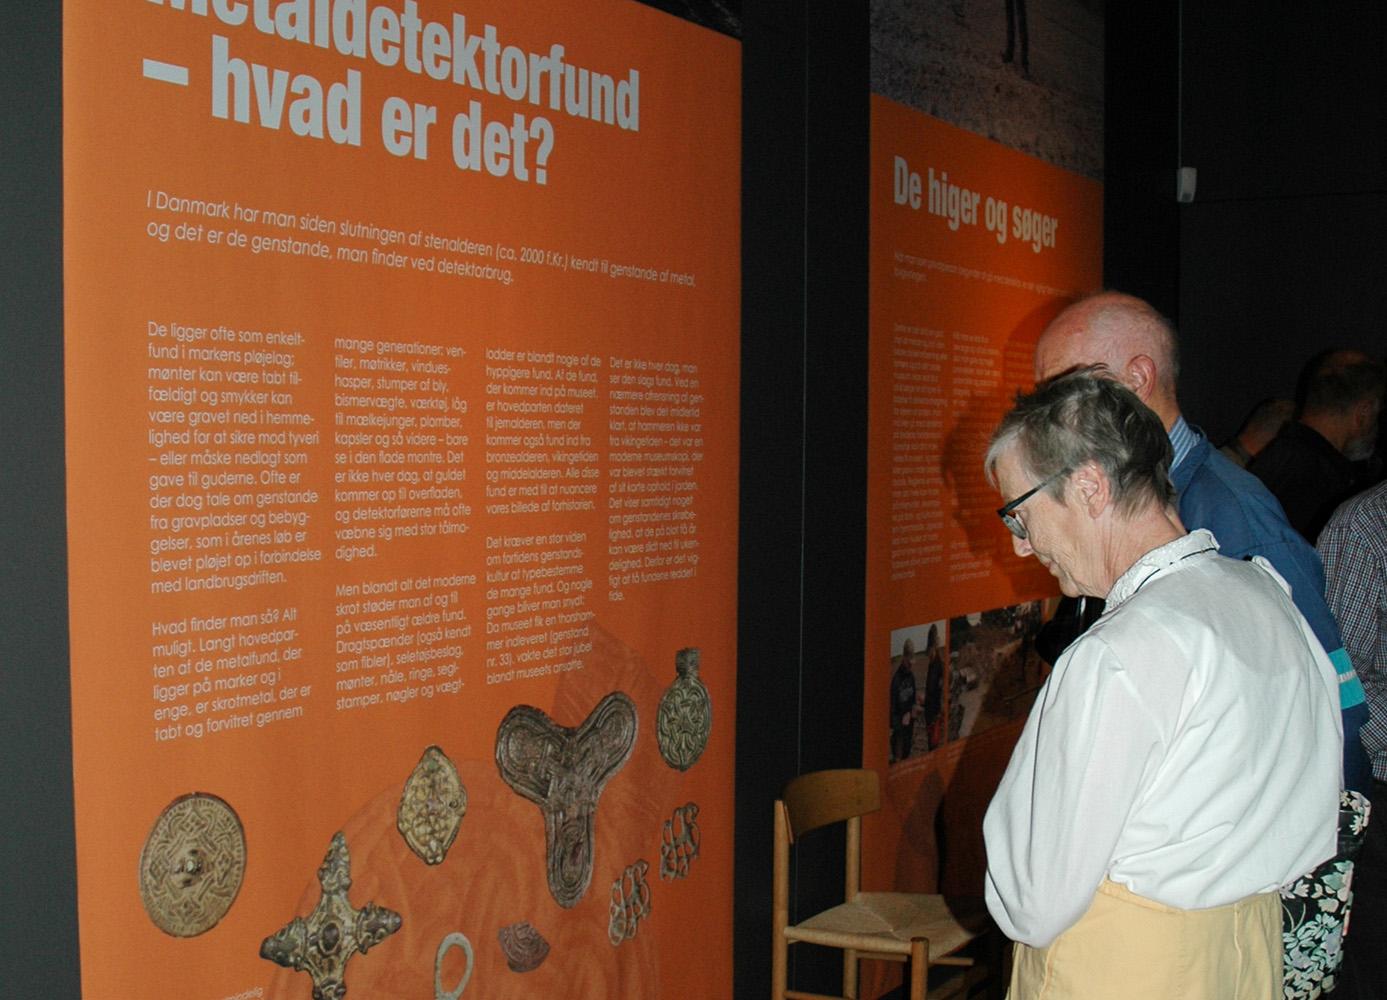 VHM udstilling Detektor Skrot Skrammel Skattefund 3